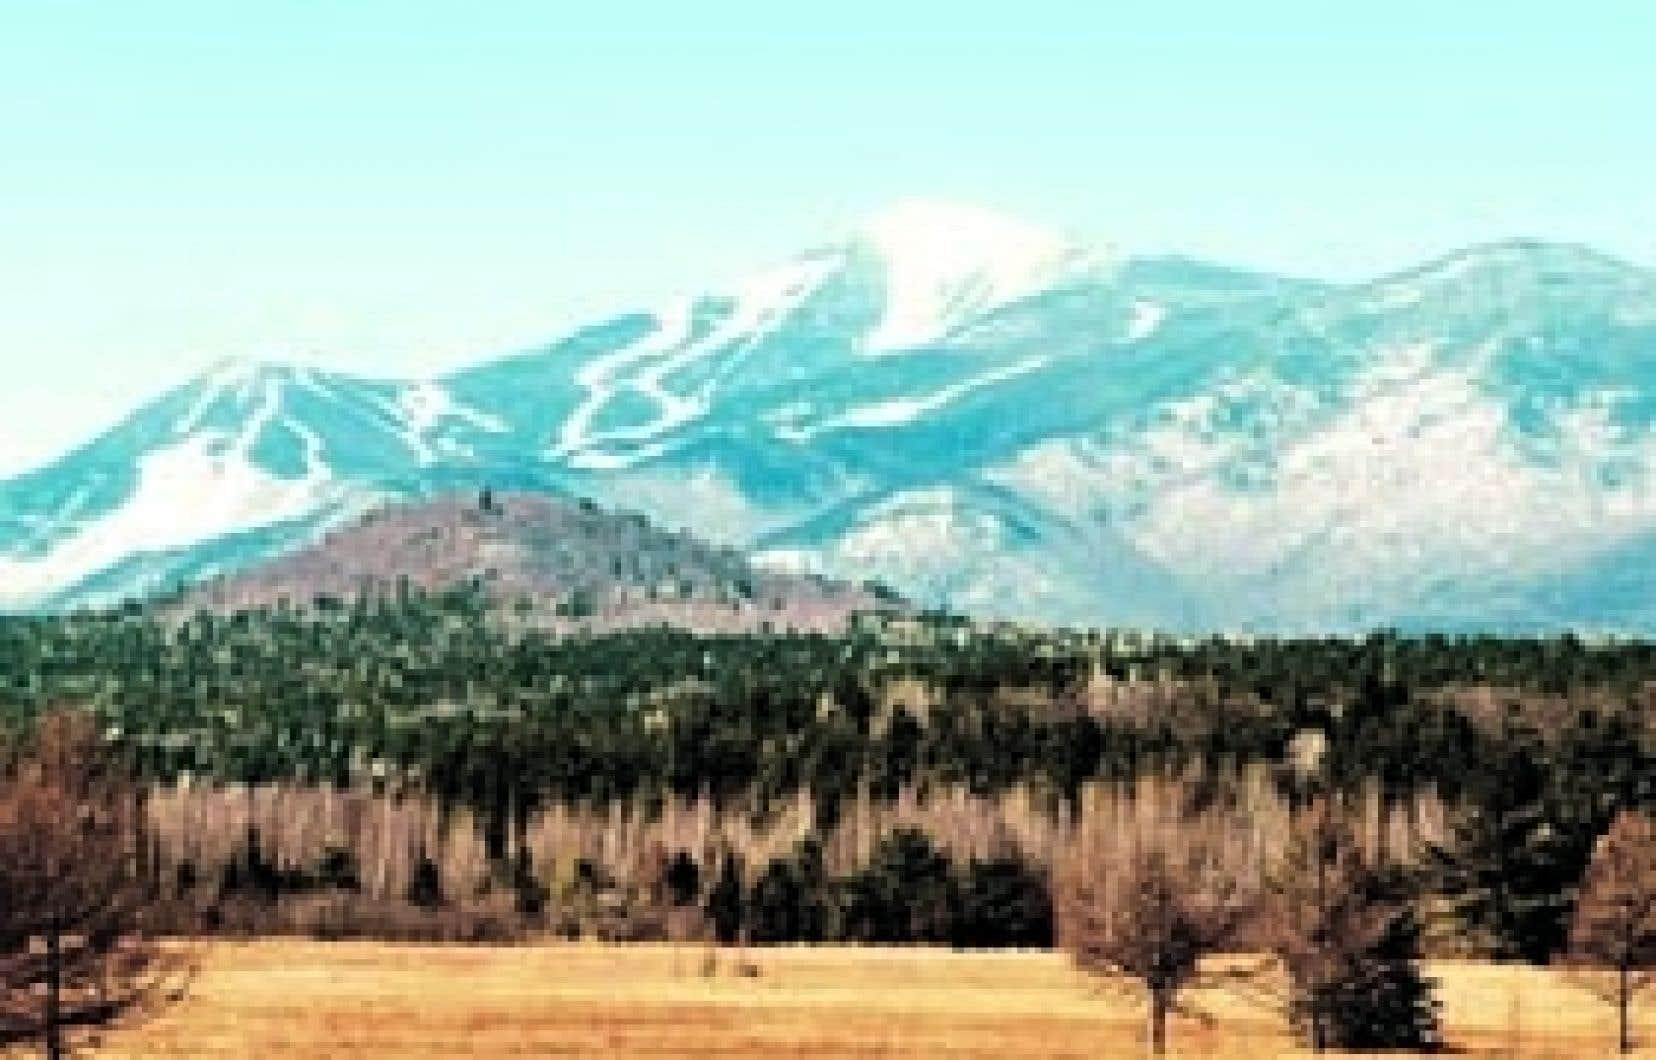 Même si toute l'écologie de la région est méticuleusement contrôlée par l'État de New York, au point où la quantité d'eau nécessaire à la fabrication de la neige artificielle est déterminée par la loi, la station de ski Whiteface, prè